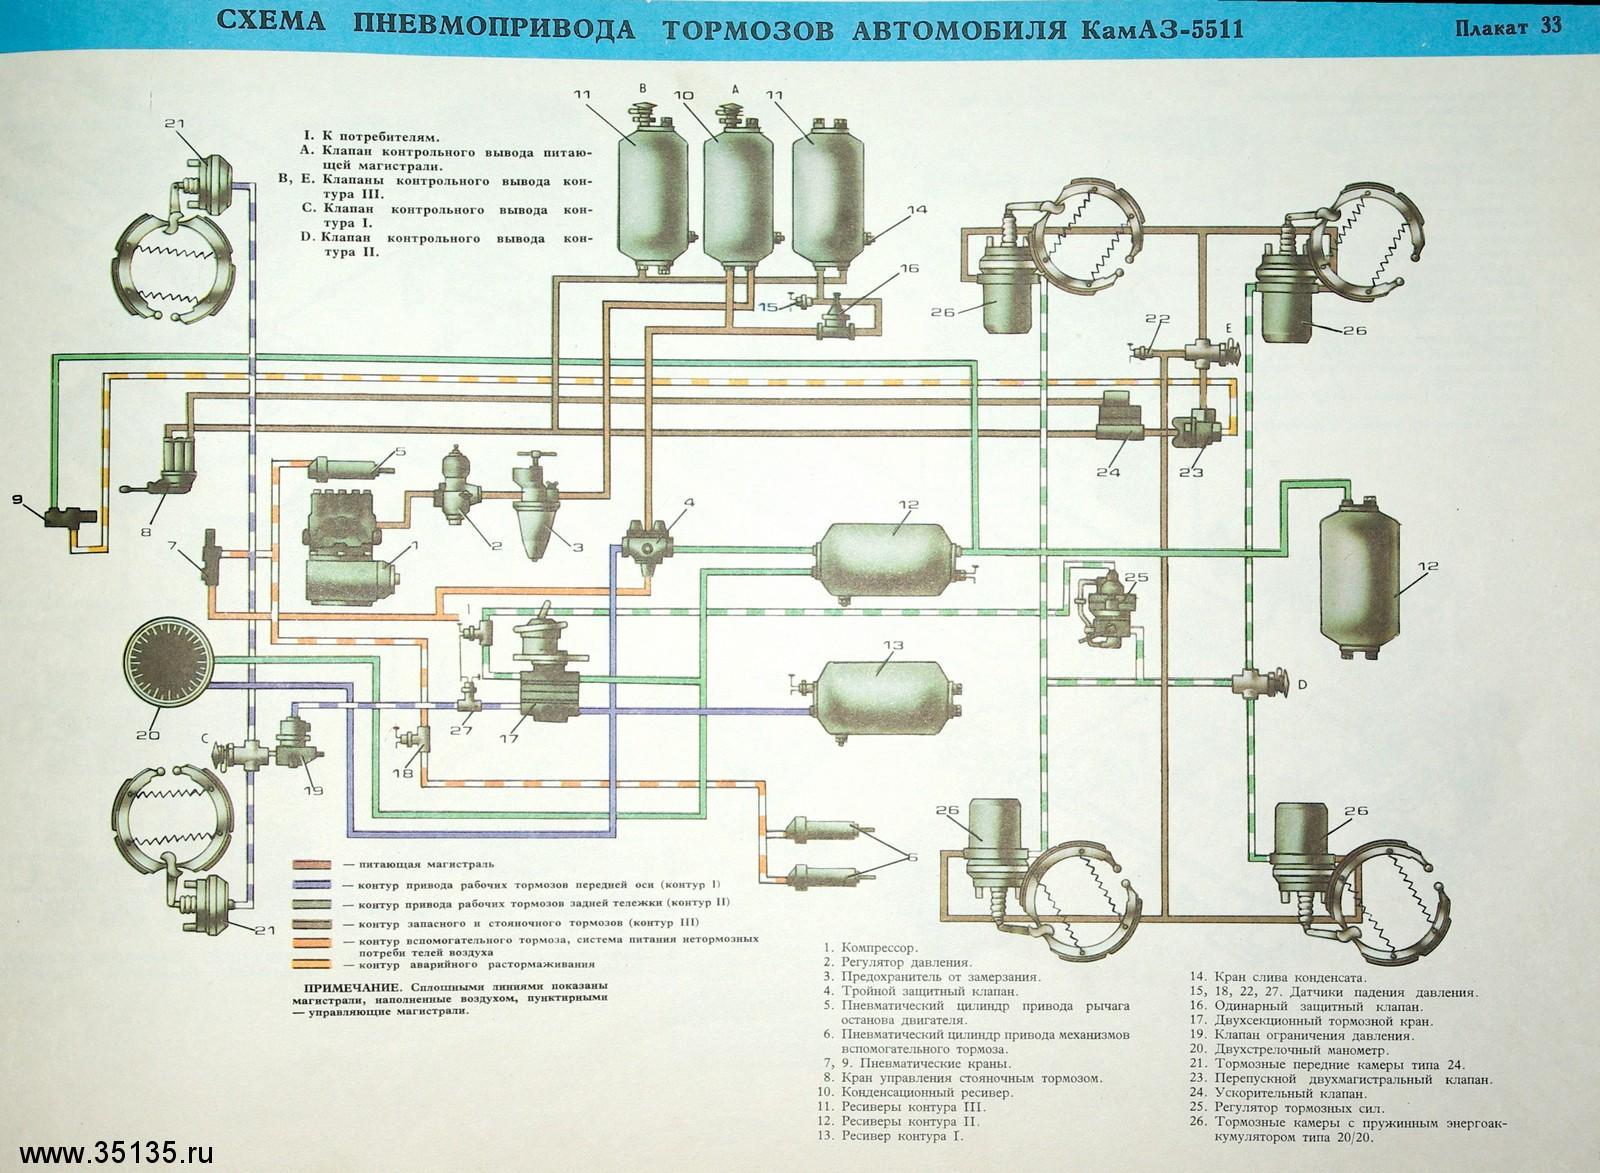 Схема тормозной системы камаз 55111